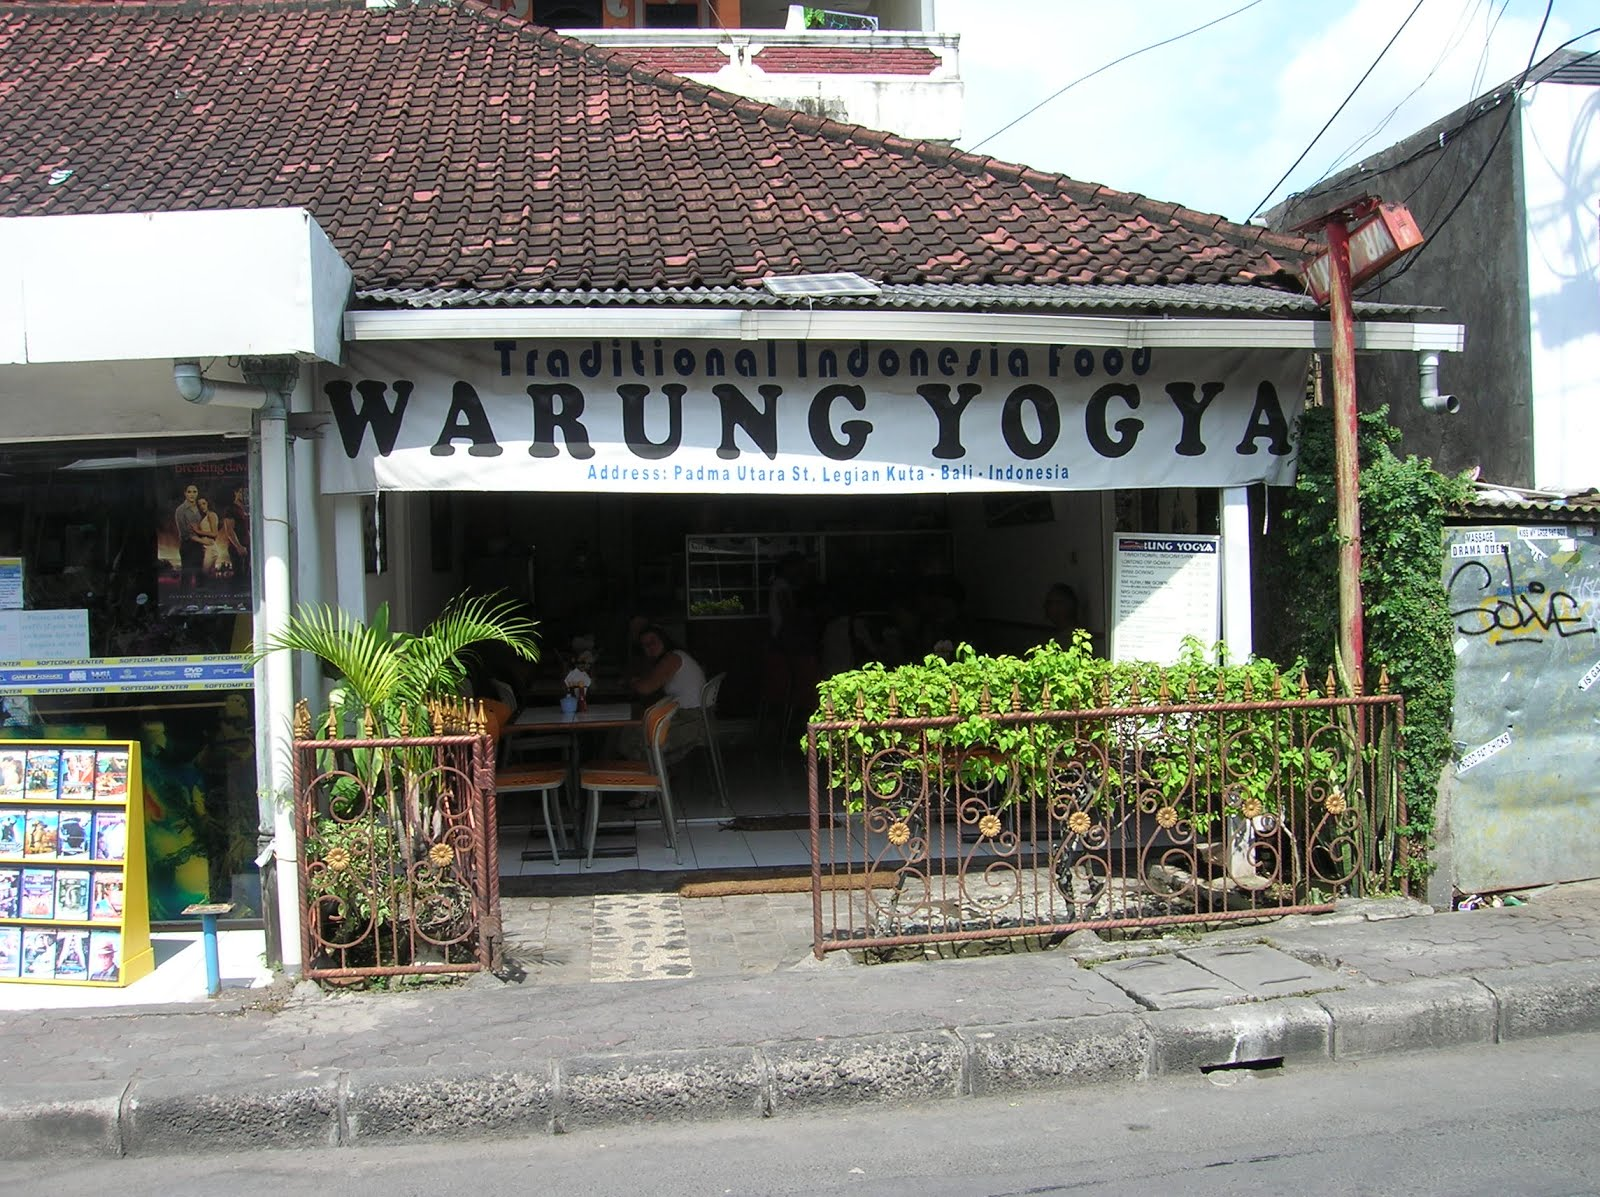 Warung Yogya, warung, Bali, vuelta al mundo, round the world, La vuelta al mundo de Asun y Ricardo